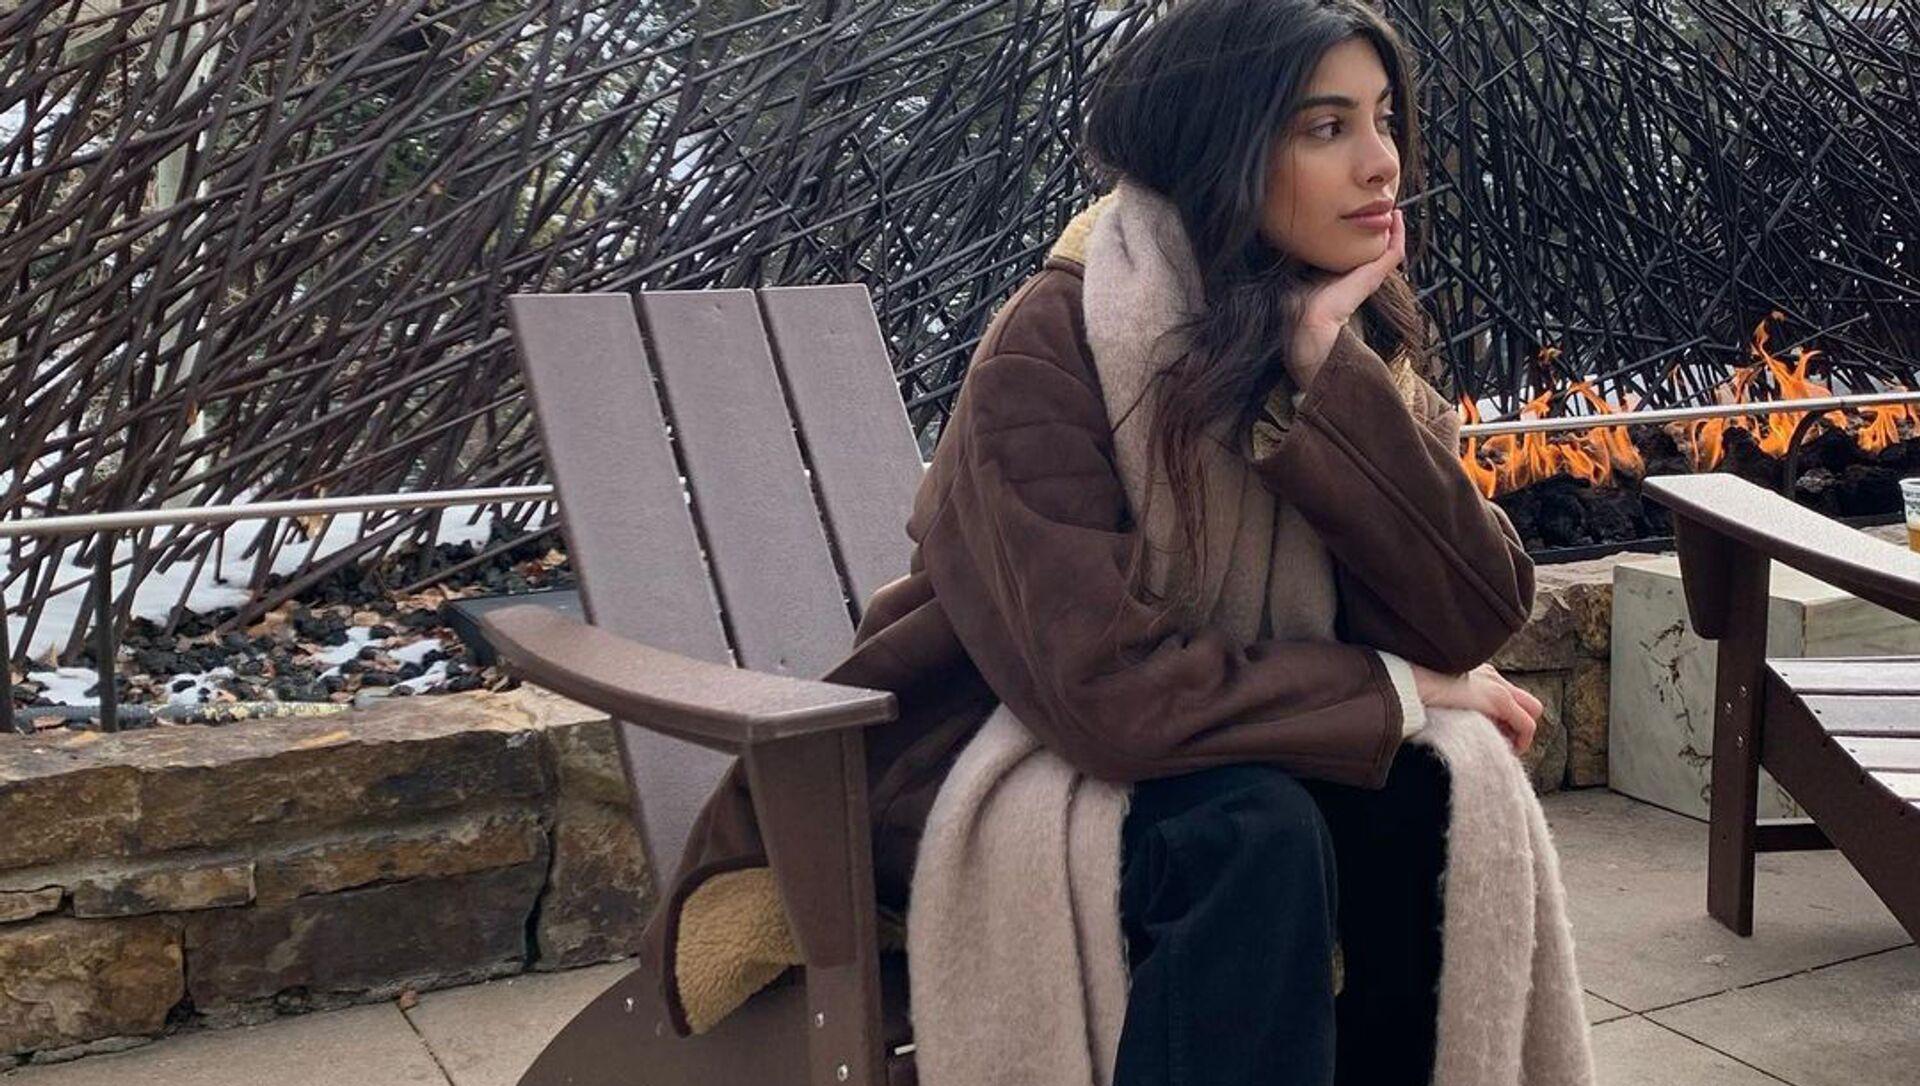 6 весенних луков Русланы Джи: в чем блогер встречает сезон - Sputnik Азербайджан, 1920, 08.02.2021